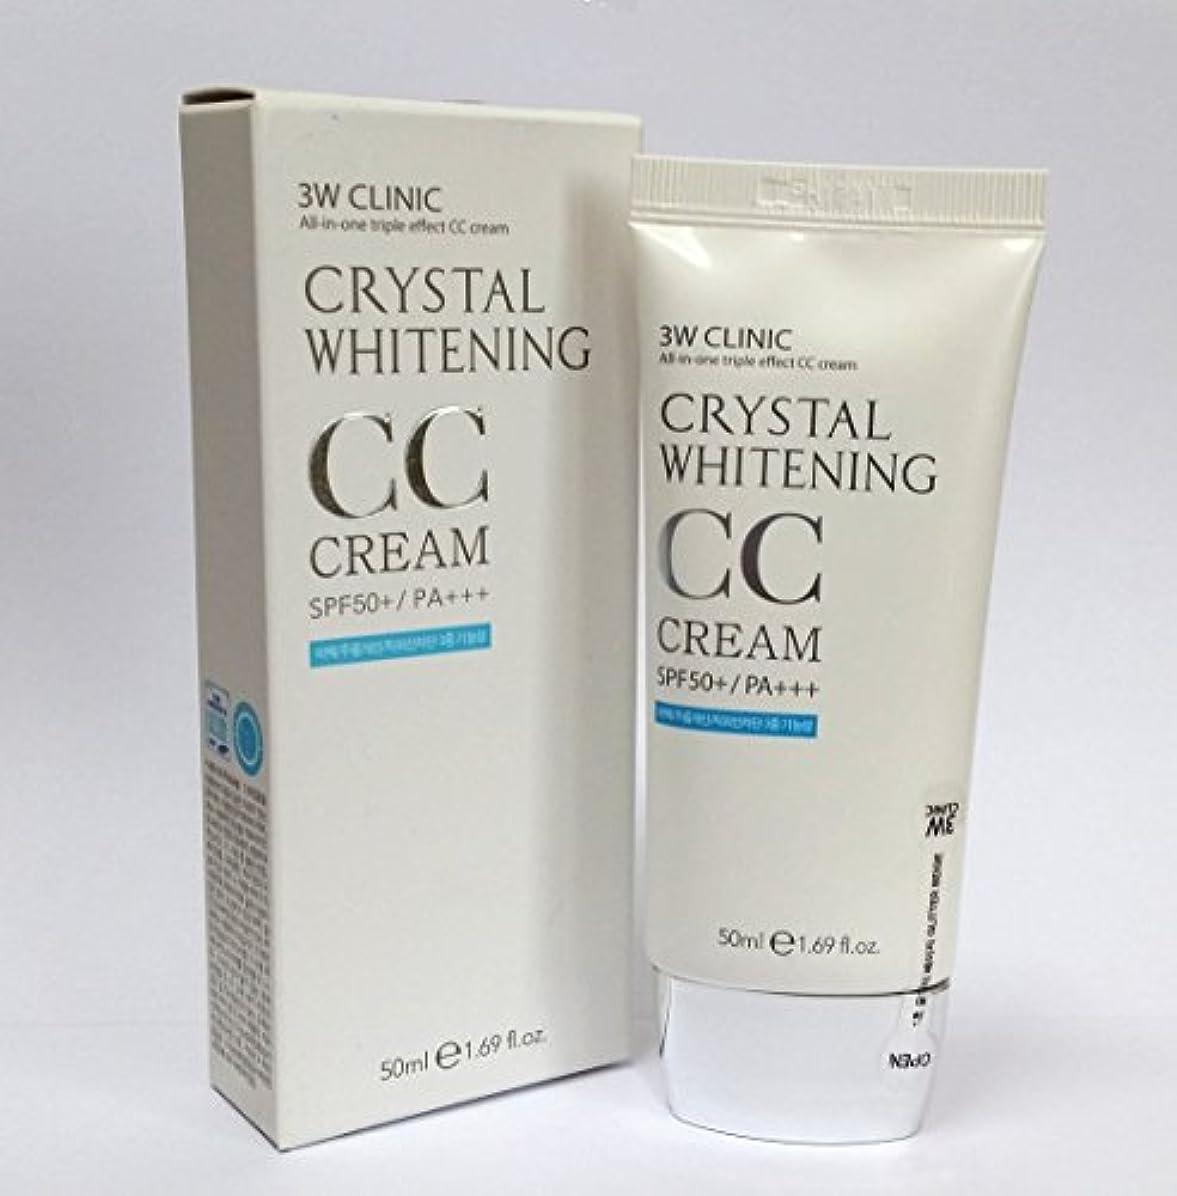 気取らないつぶす億[3W CLINIC] クリスタルホワイトニングCCクリーム50ml SPF50 PA +++ / #02 Natural Beige / Crystal Whitening CC Cream 50ml SPF50 PA...